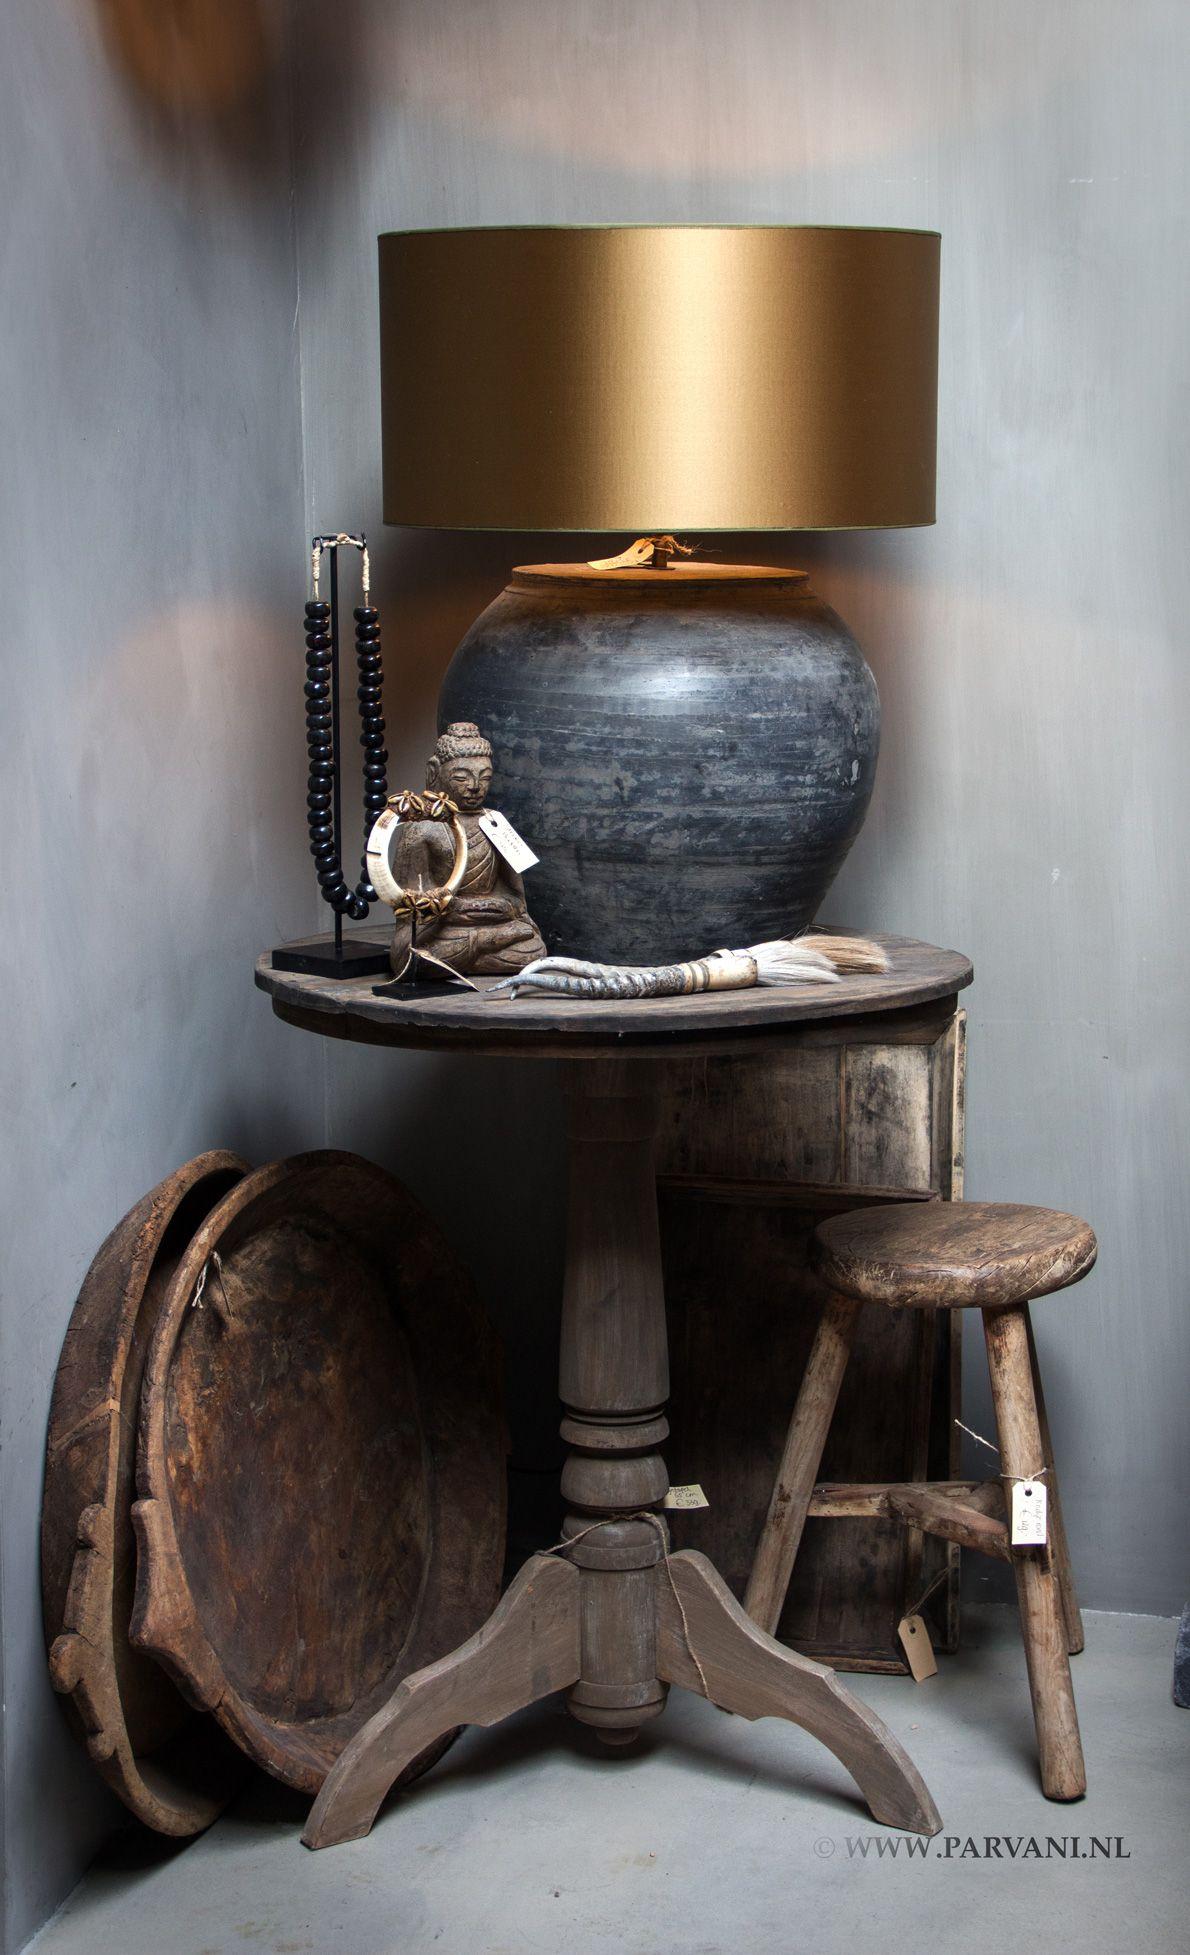 |Parvani Chinese kruiklamp, grijs/zwart met satin kap in goudkleur. Oud houten wijntafel, vergrijsd. Krukje rond uit China.